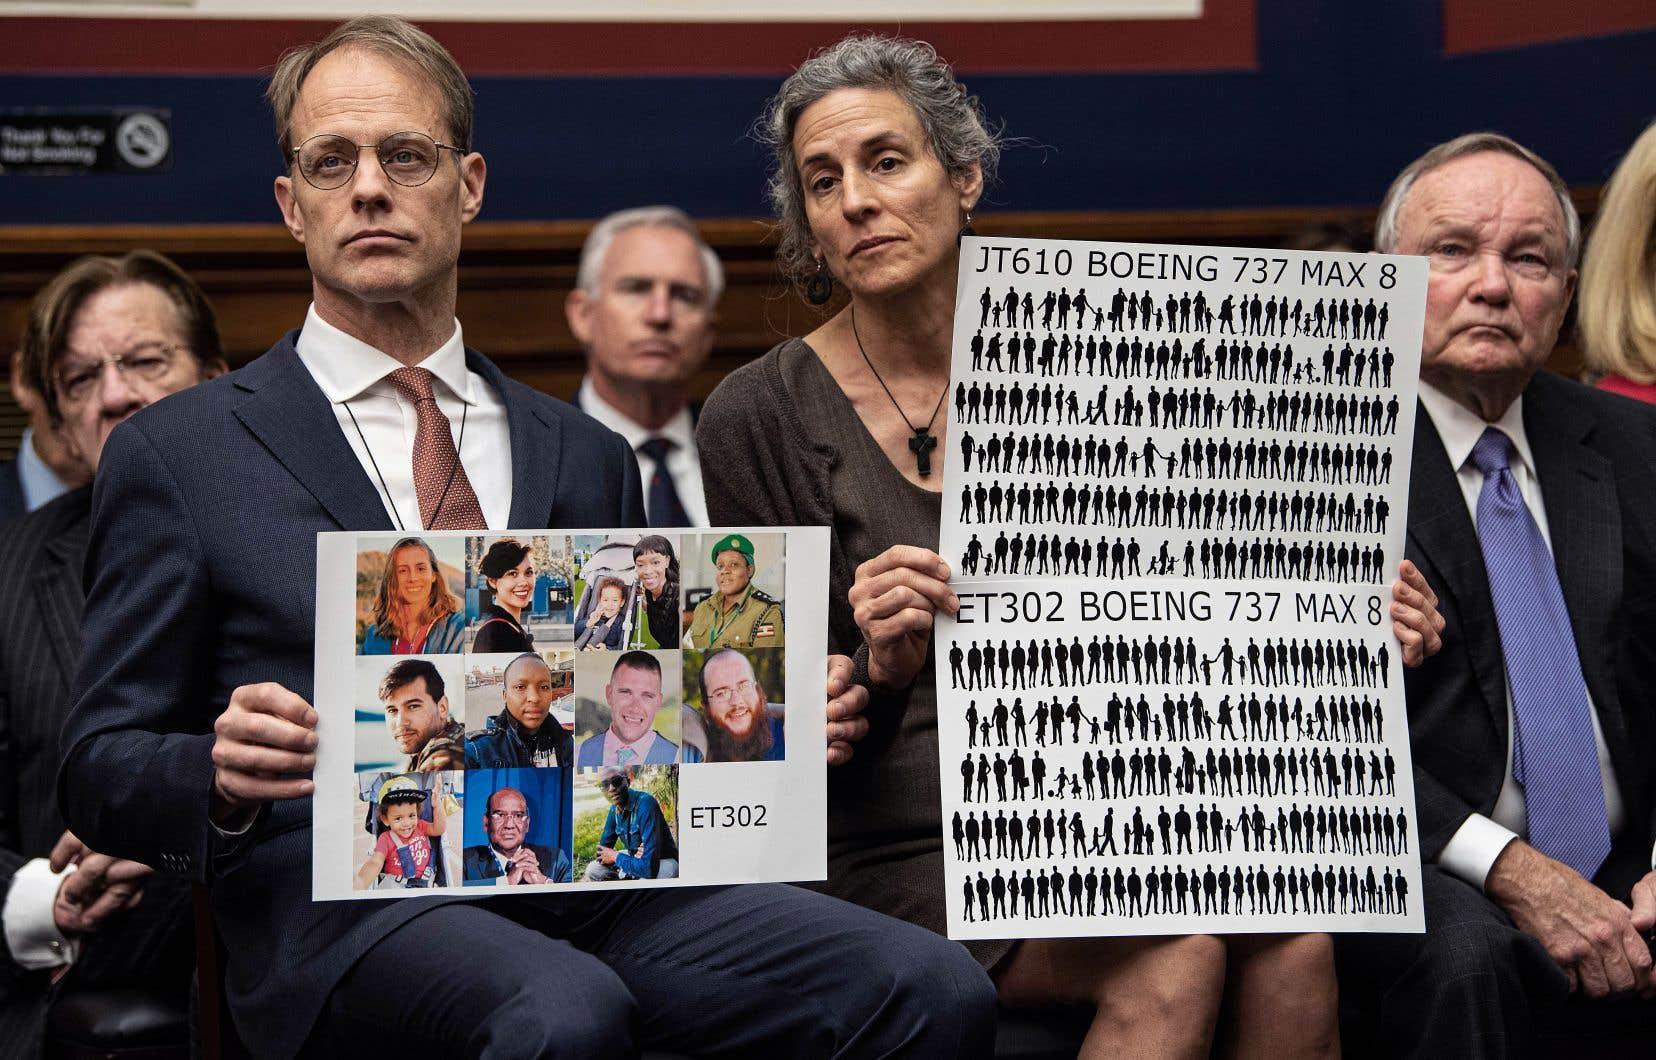 Michael Stumo et Nadia Milleron, les parents de Samya Stumo, qui est morte dans l'écrasement d'un Boeing 737 MAX en mars dernier, assistaient à l'audience de l'Agence fédérale de l'aviation au Congrès américain.